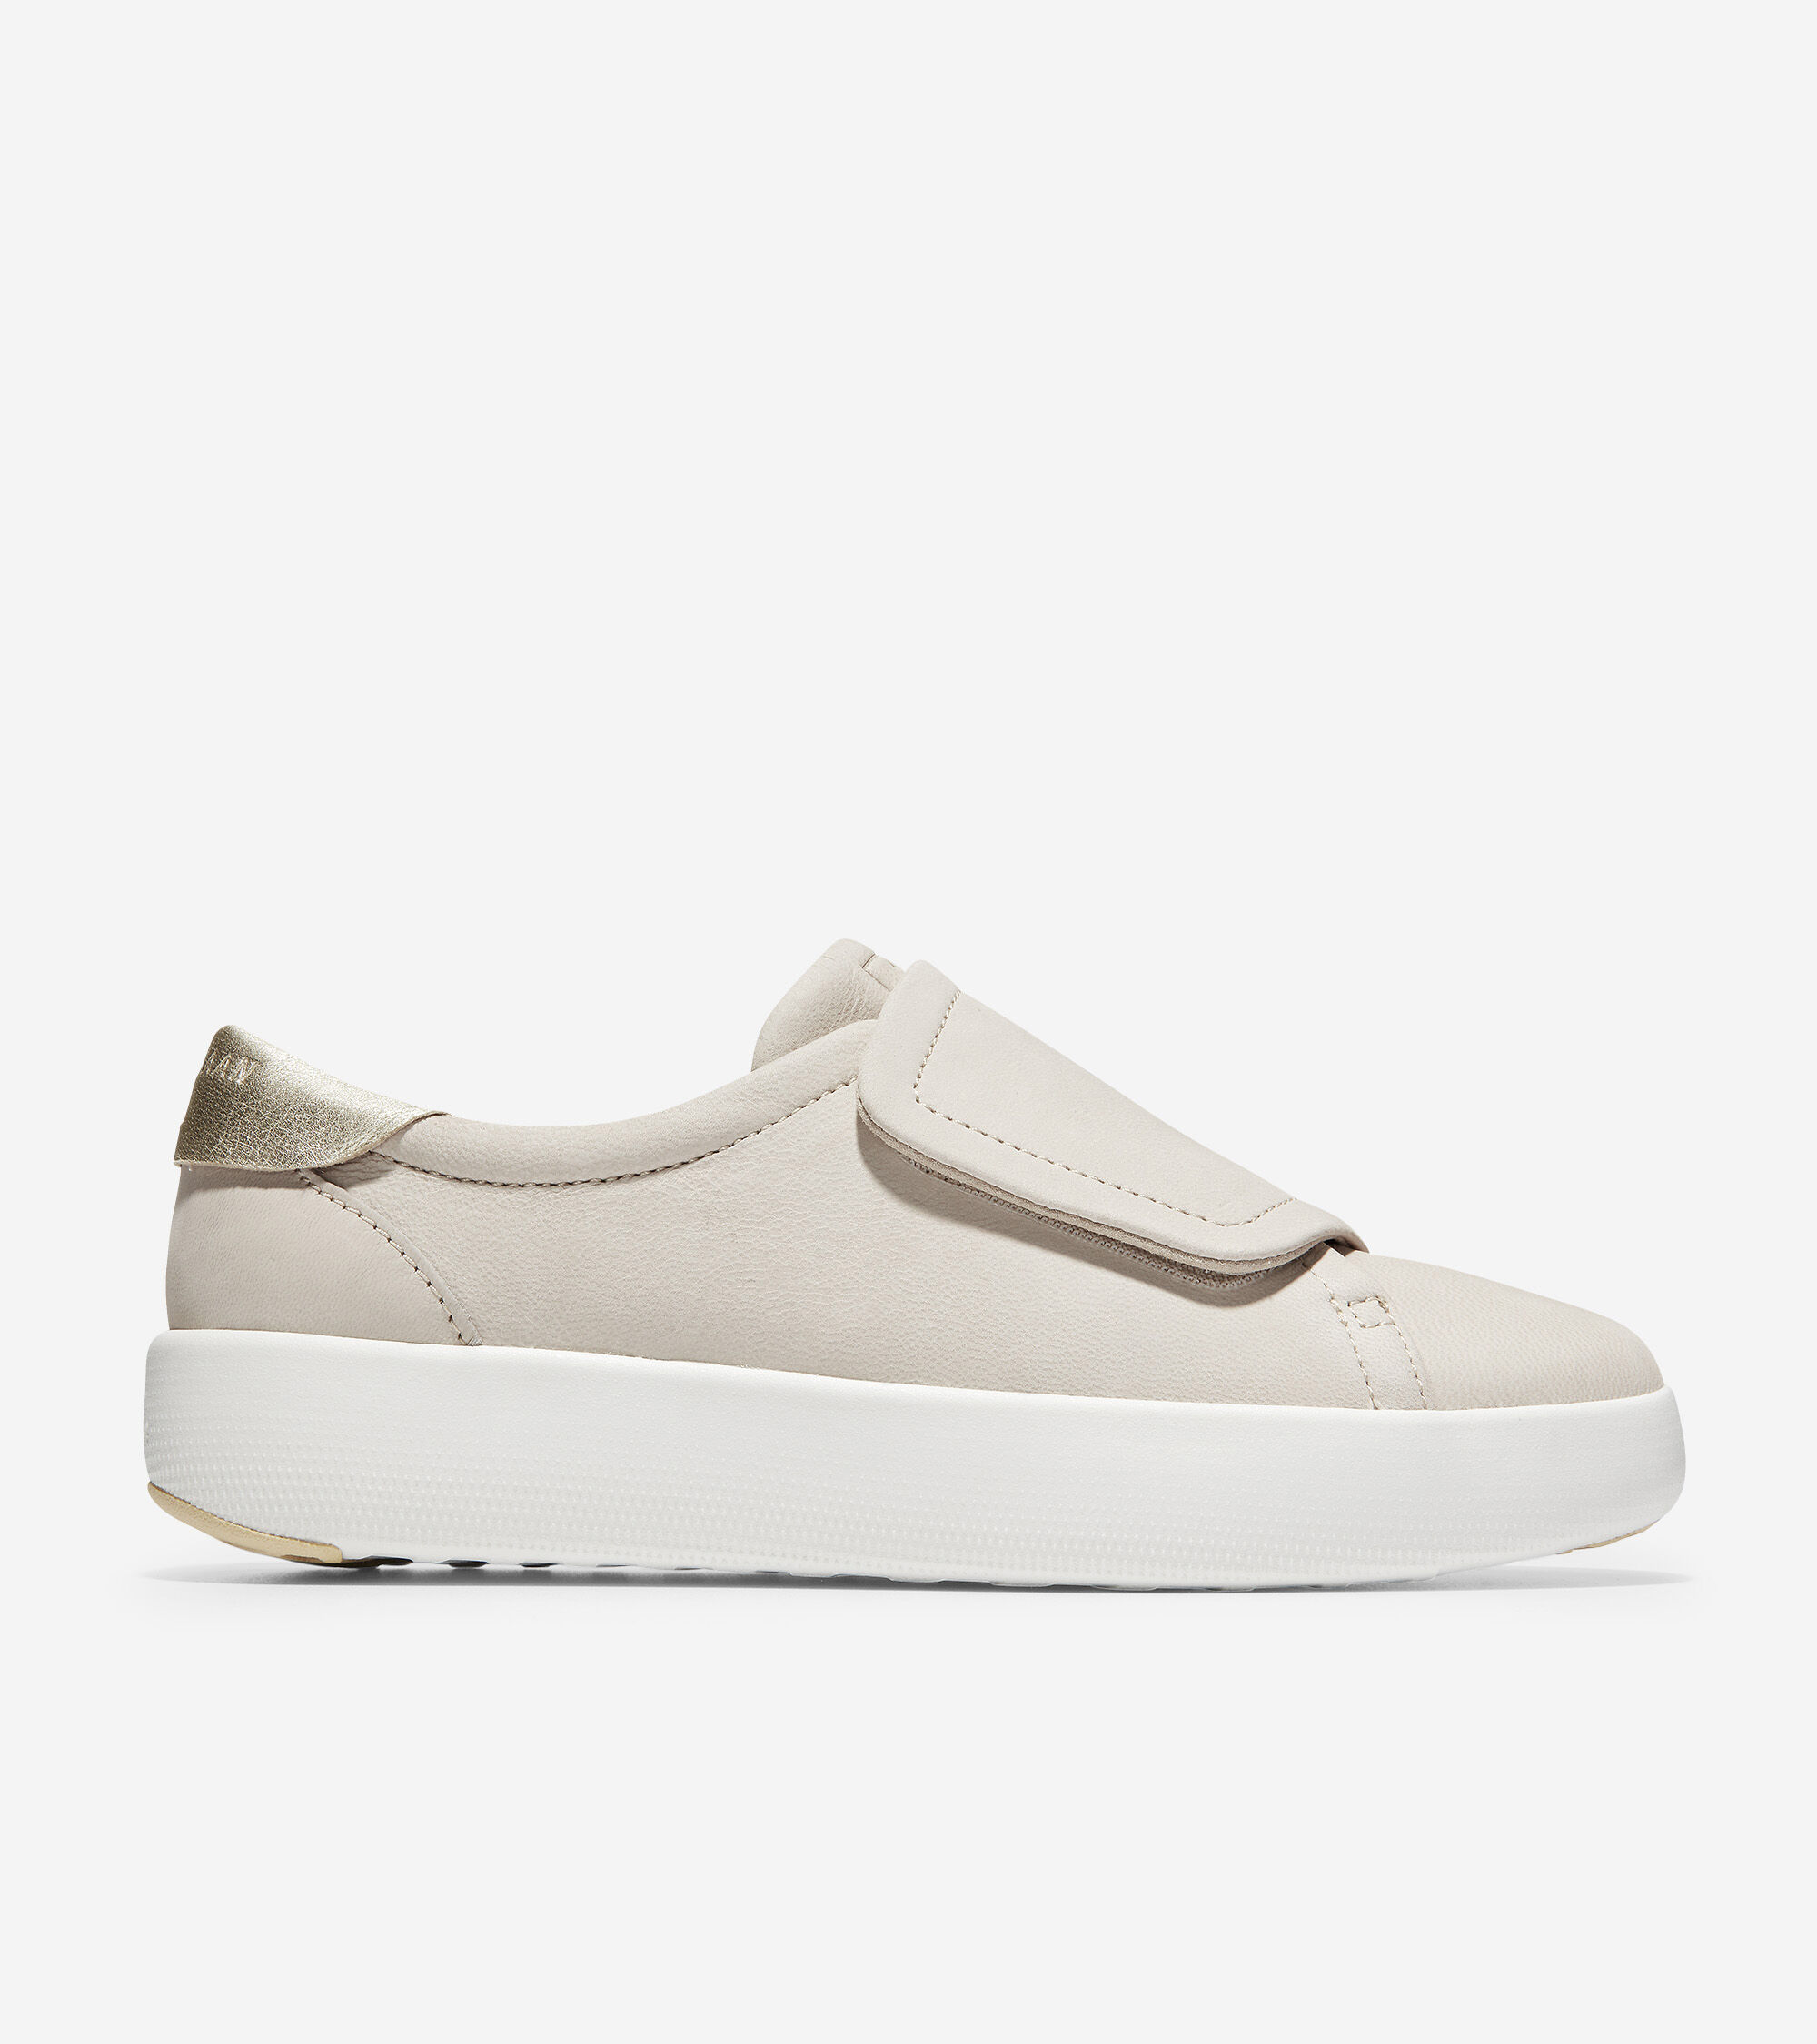 Cole Haan Women's GrandPro Flatform Monk Sneaker